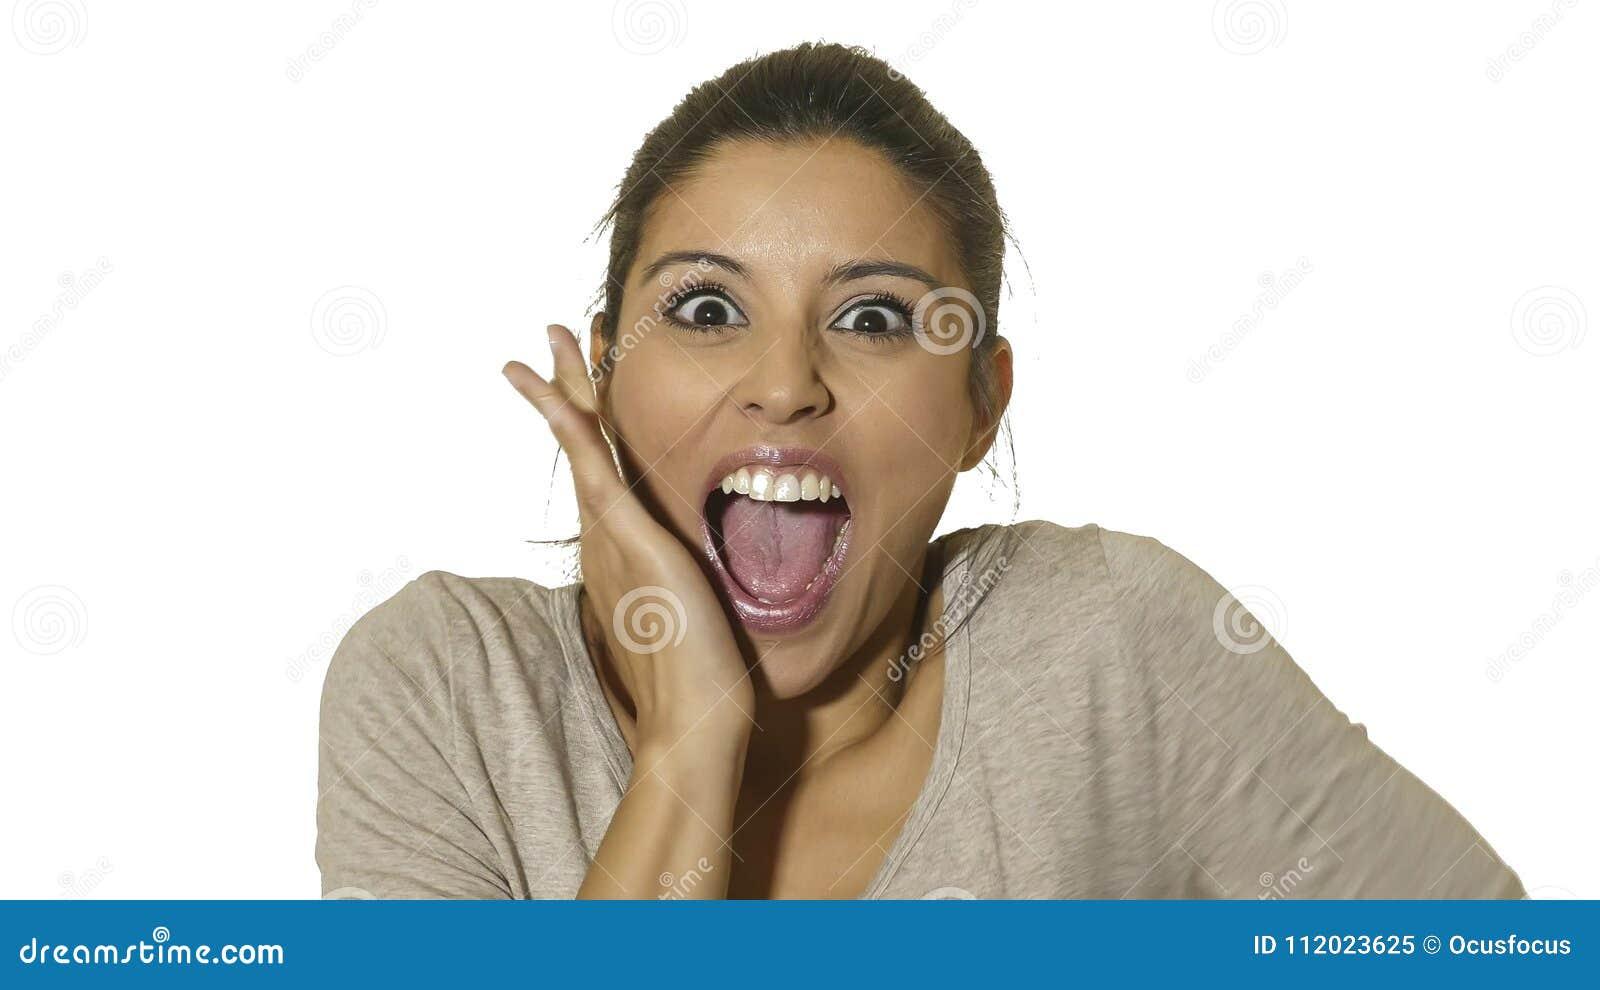 Hauptporträt der jungen glücklichen und aufgeregten hispanischen Frau 30s in der offenen Überraschung und erstaunte Gesichtsausdr